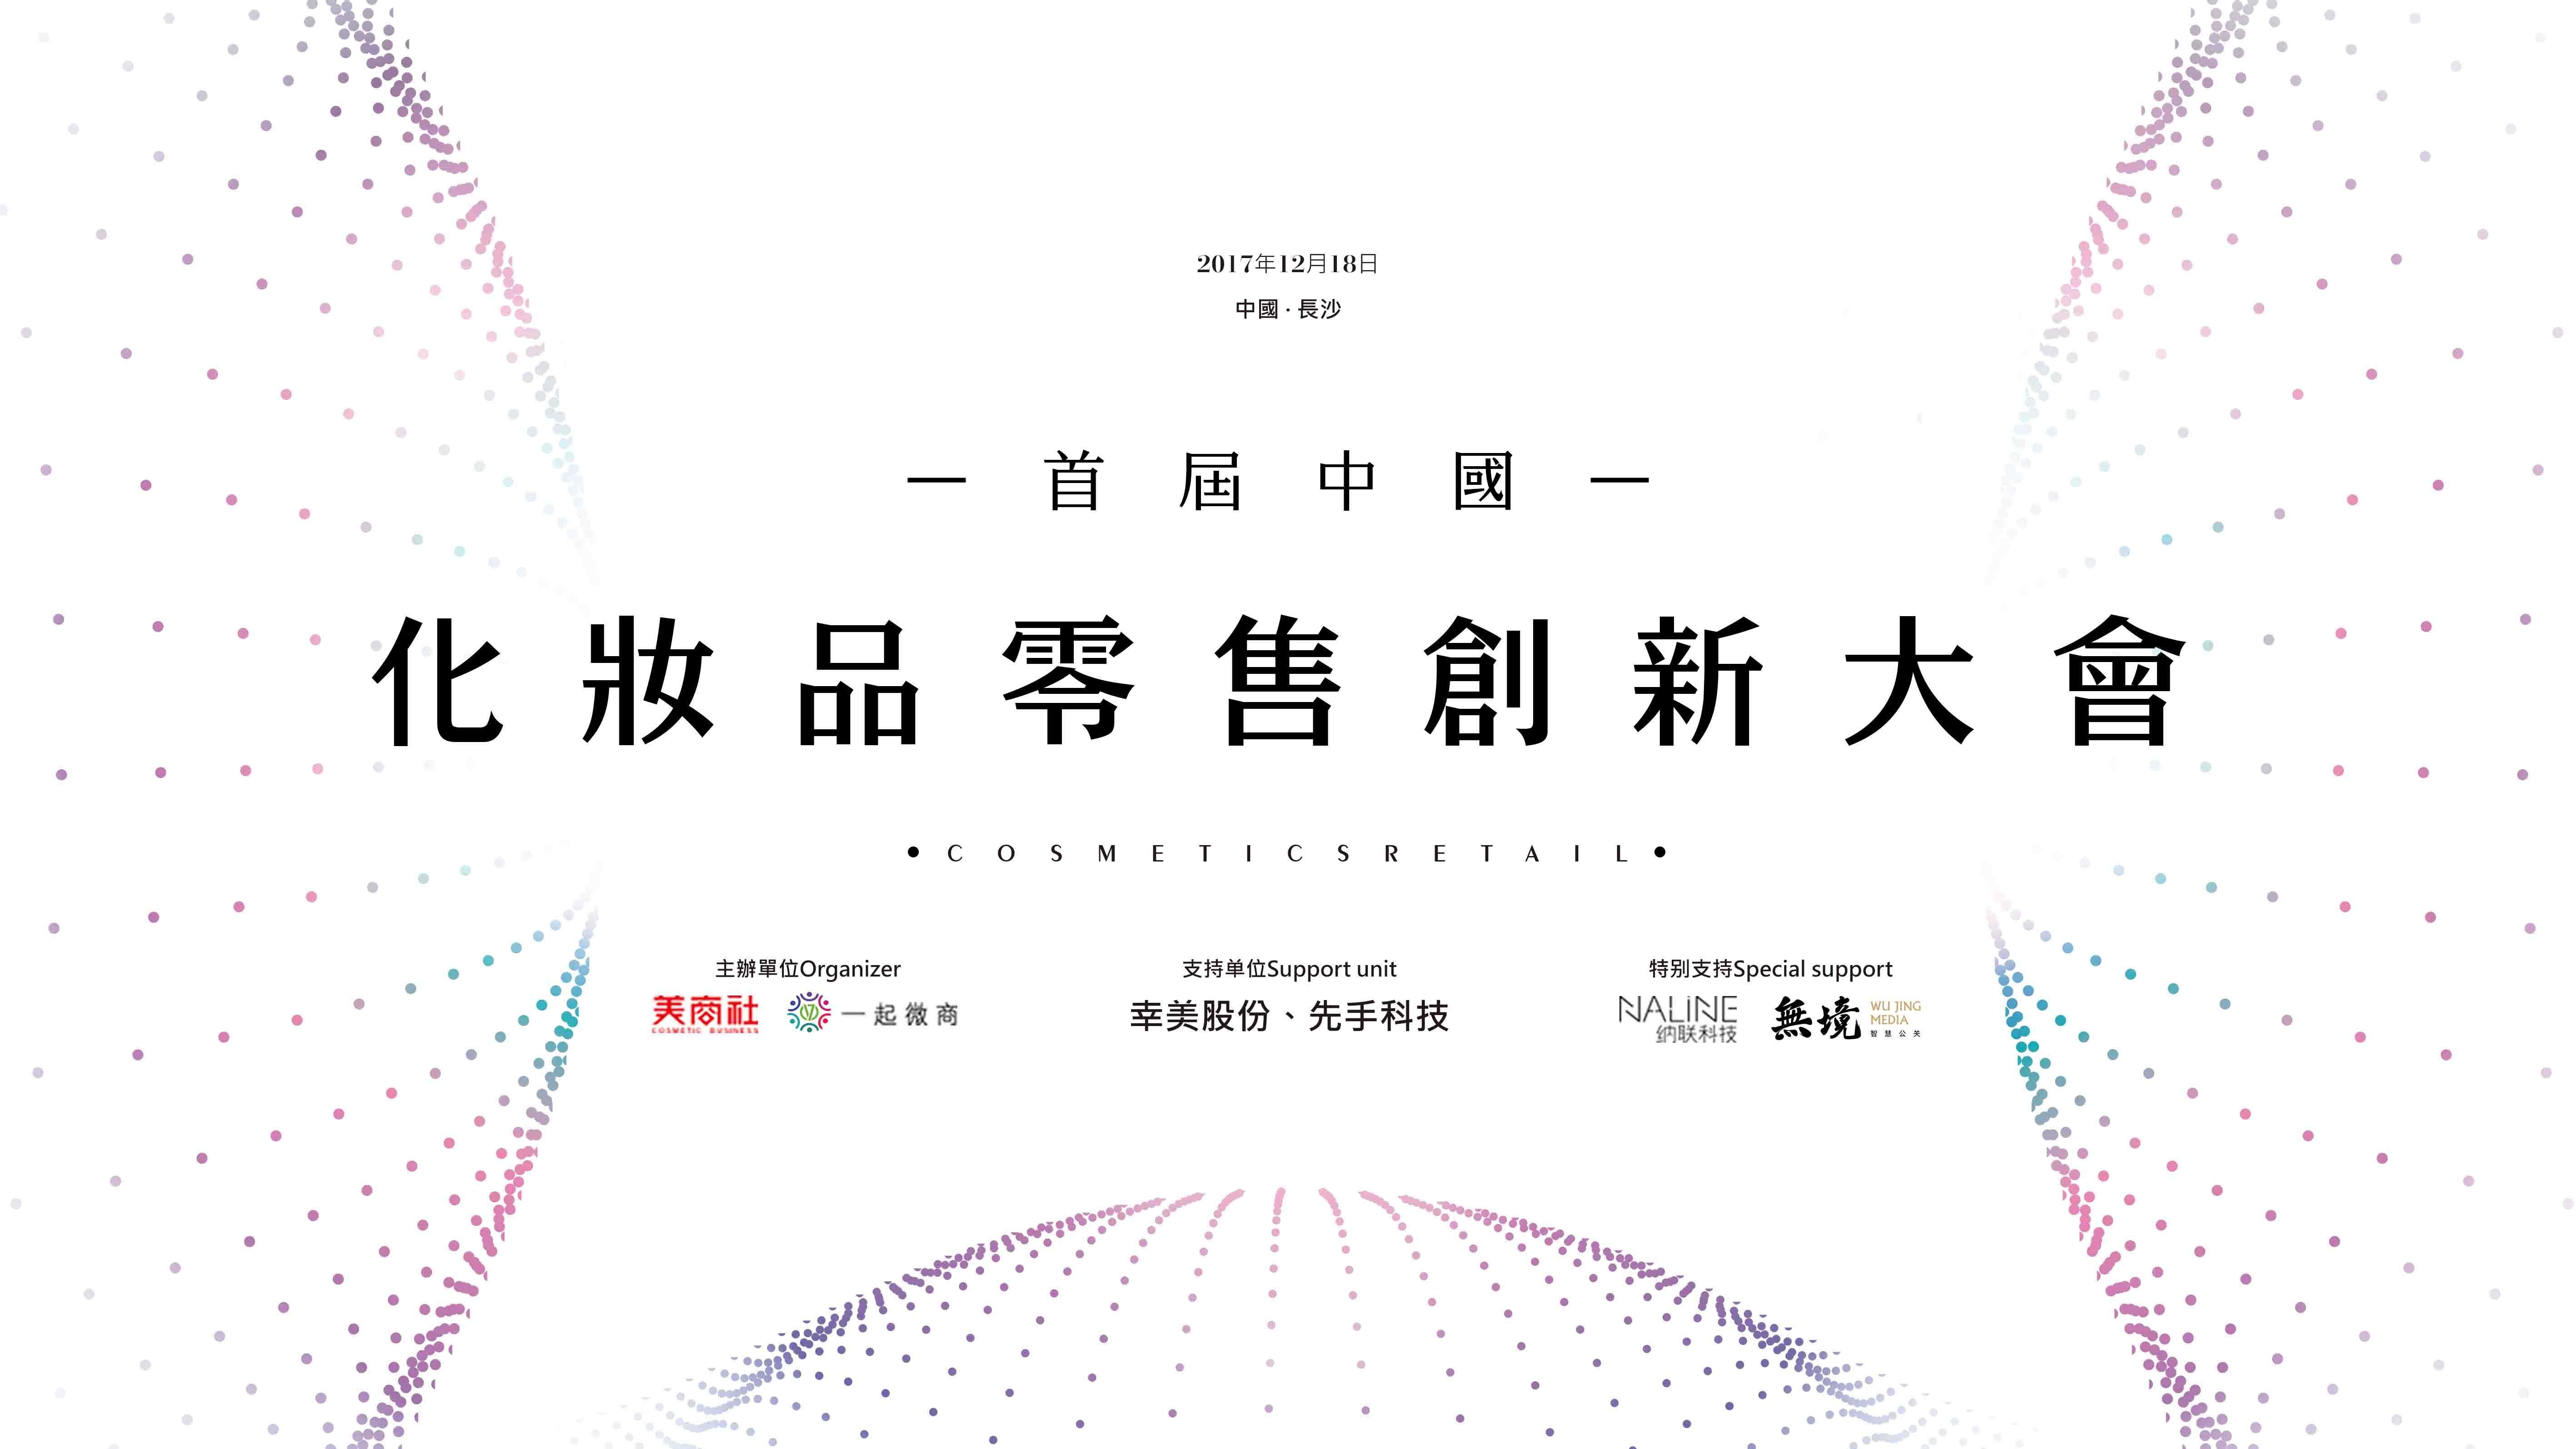 首届中国化妆品零售创新大会